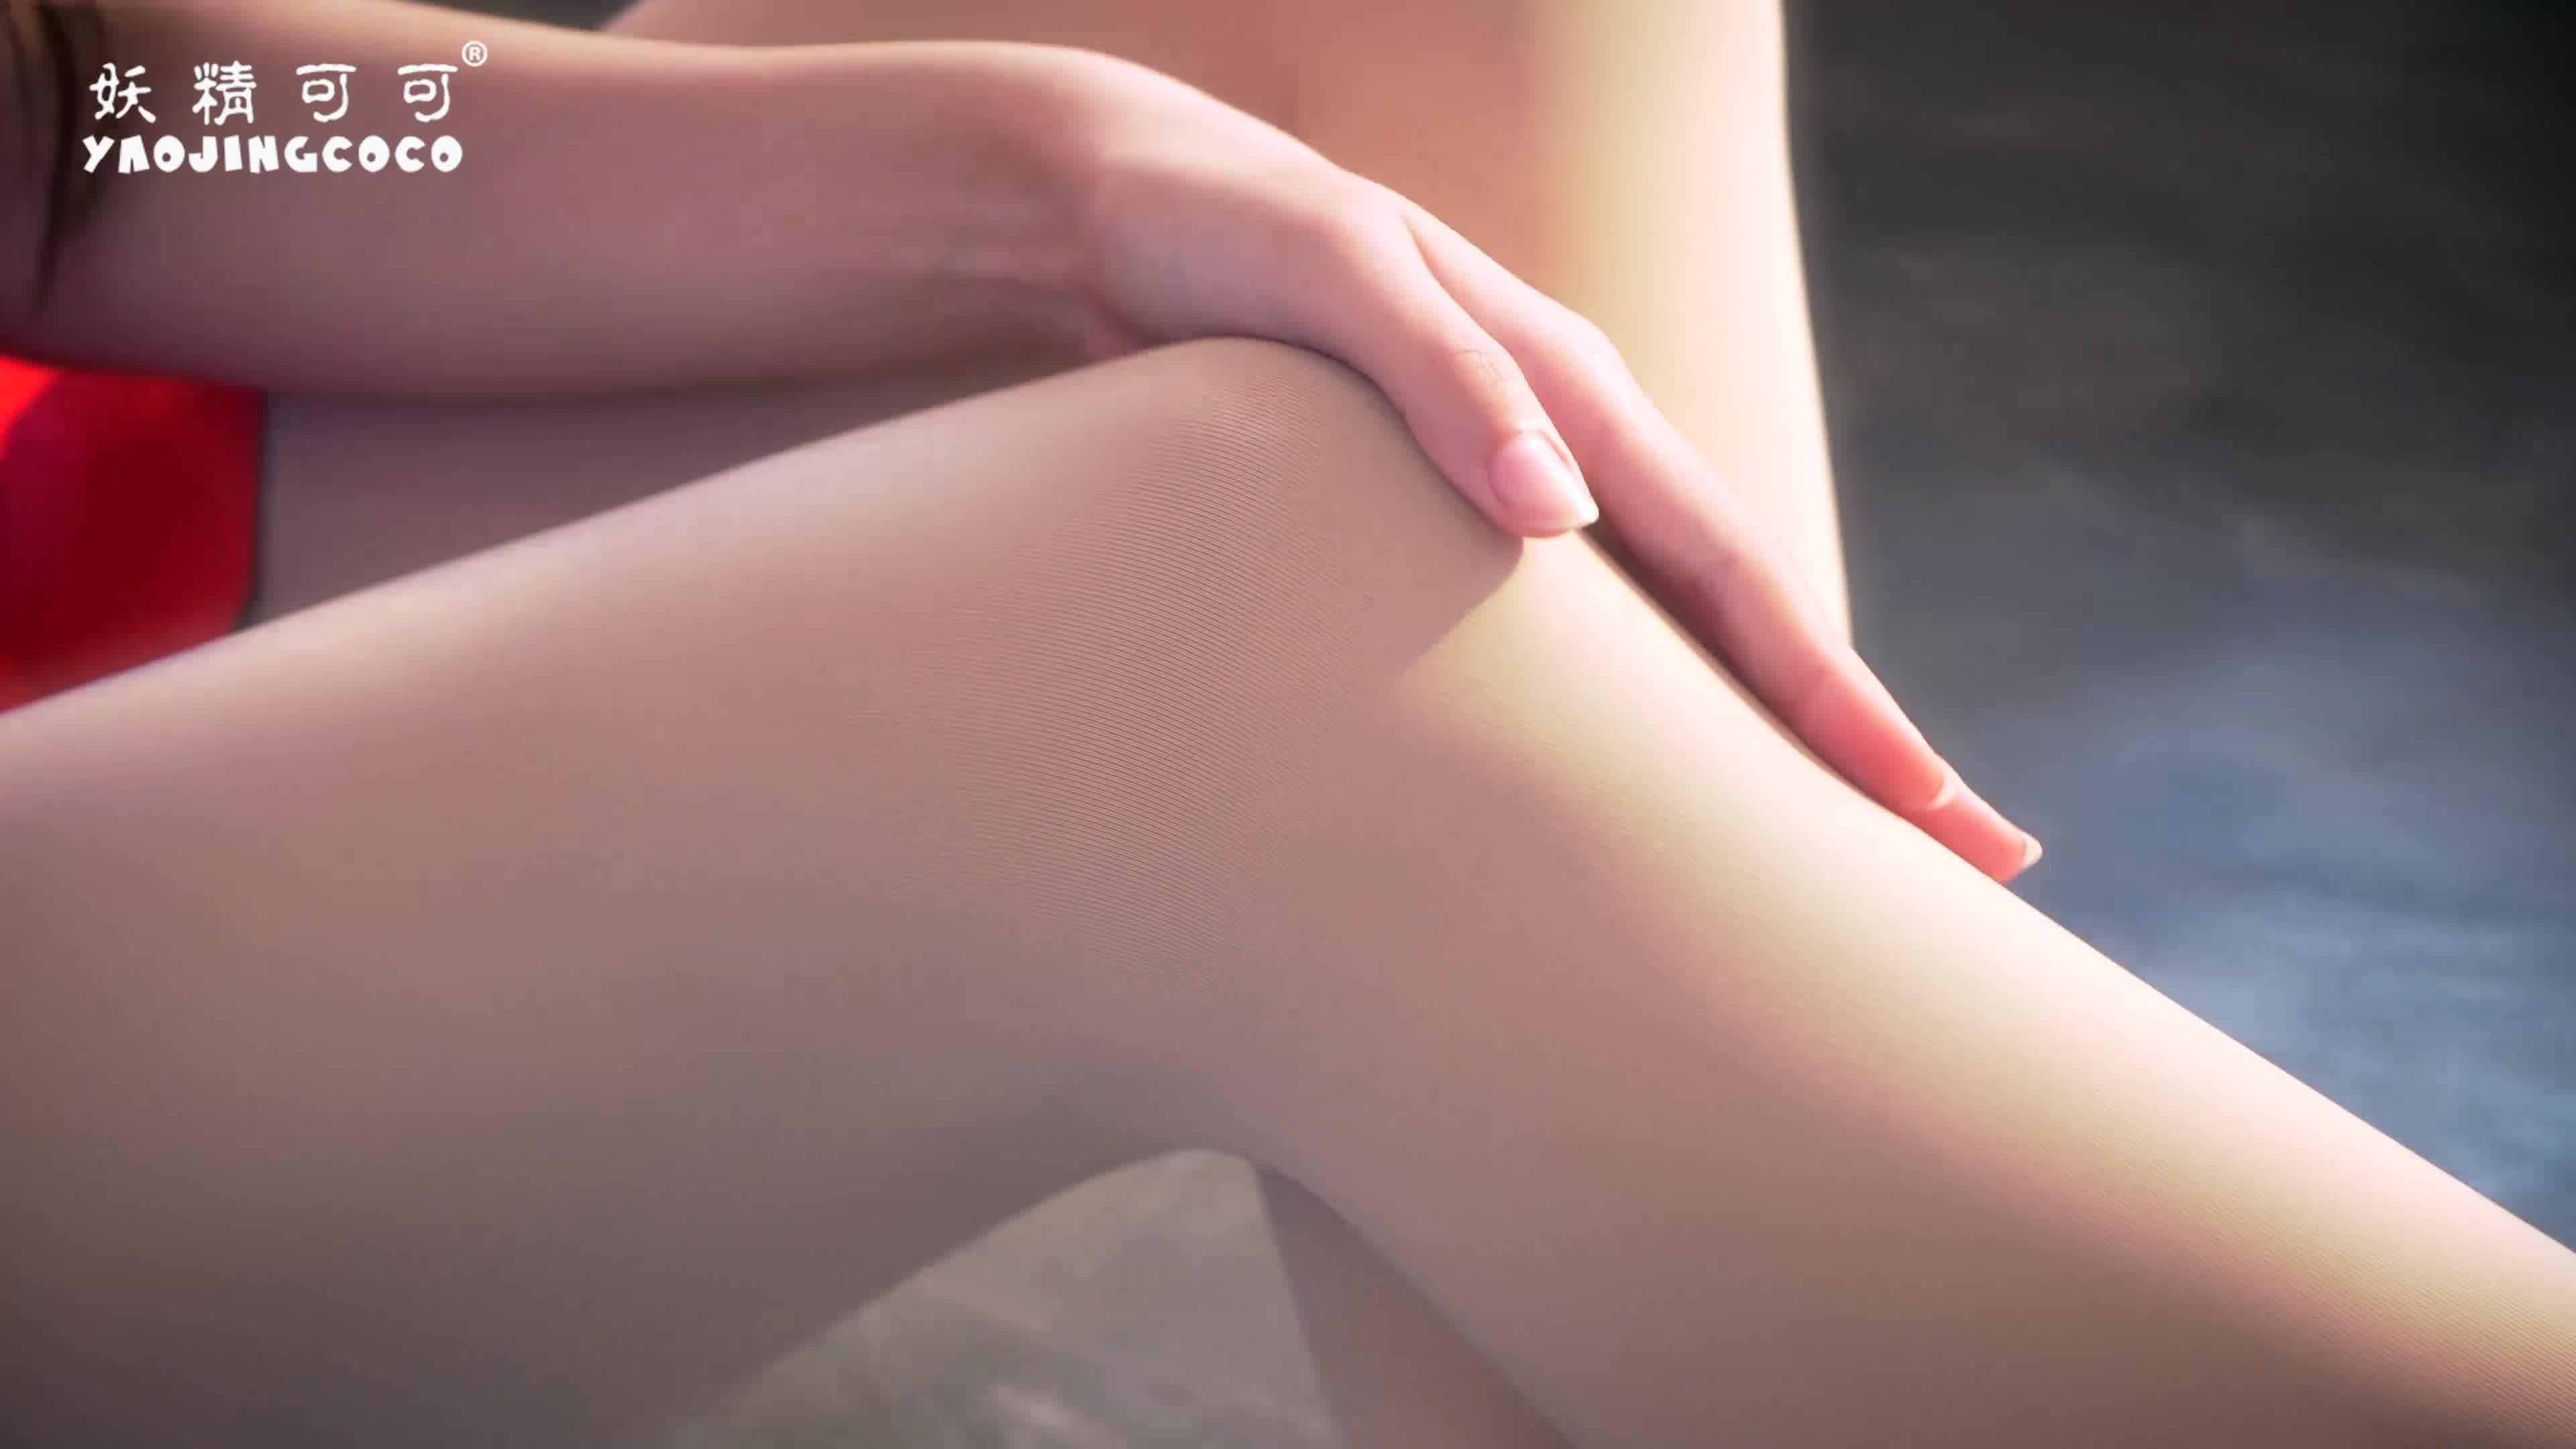 妖精可可光腿透透襪1.0 2019秋冬新款打底褲外穿秋薄款膚色一體褲